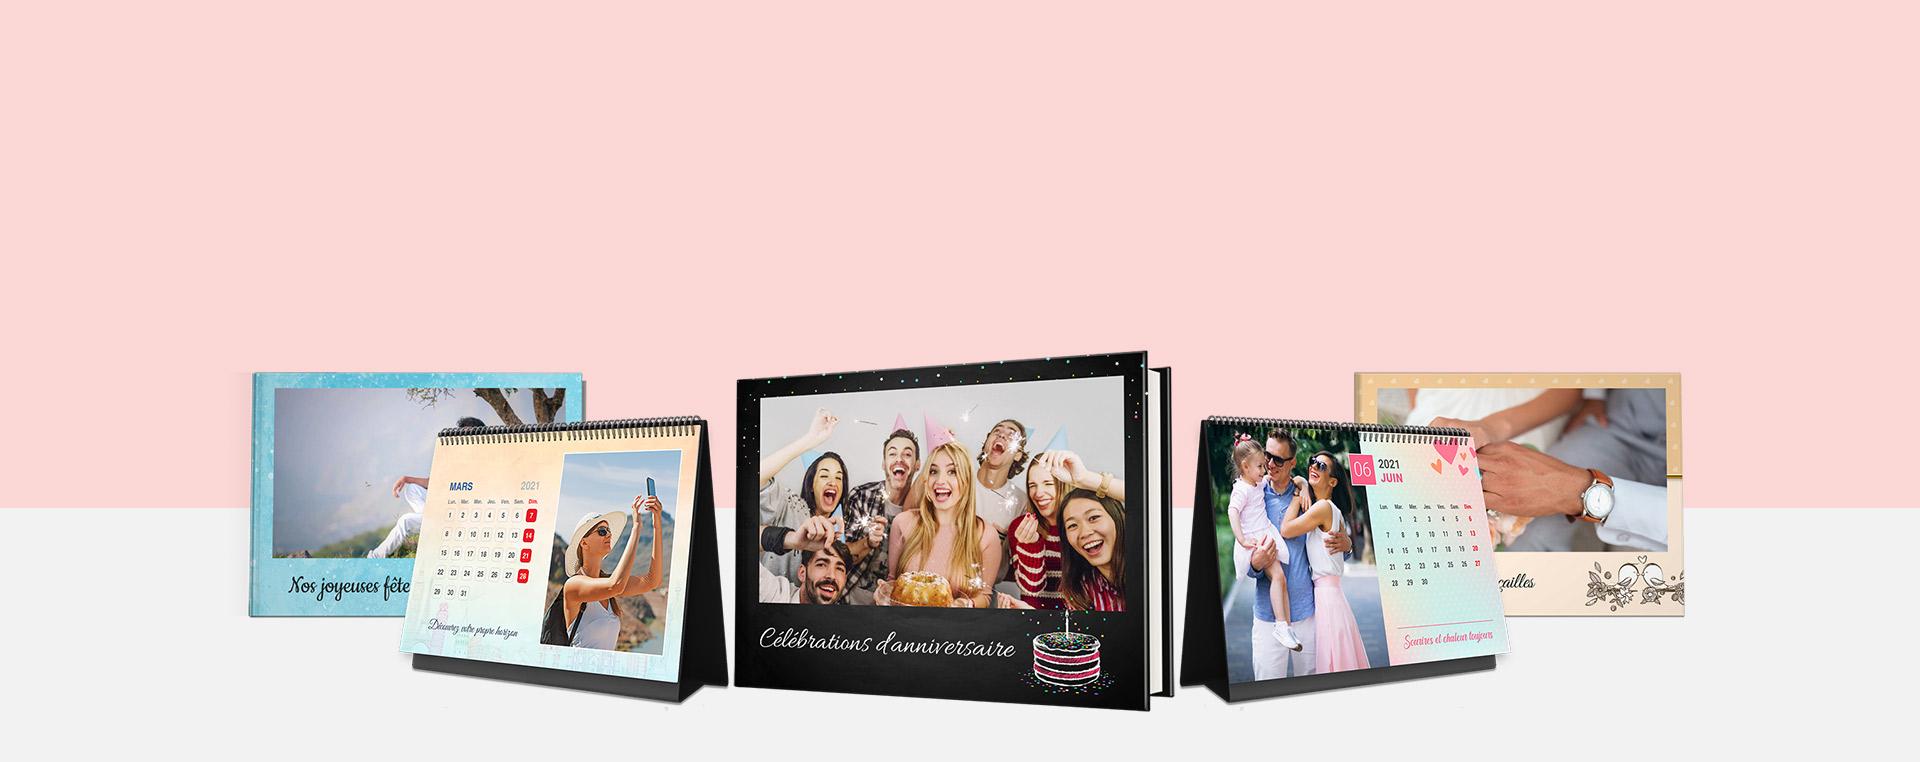 Livres photo et albums photo, Calendriers photo en ligne - Picsy